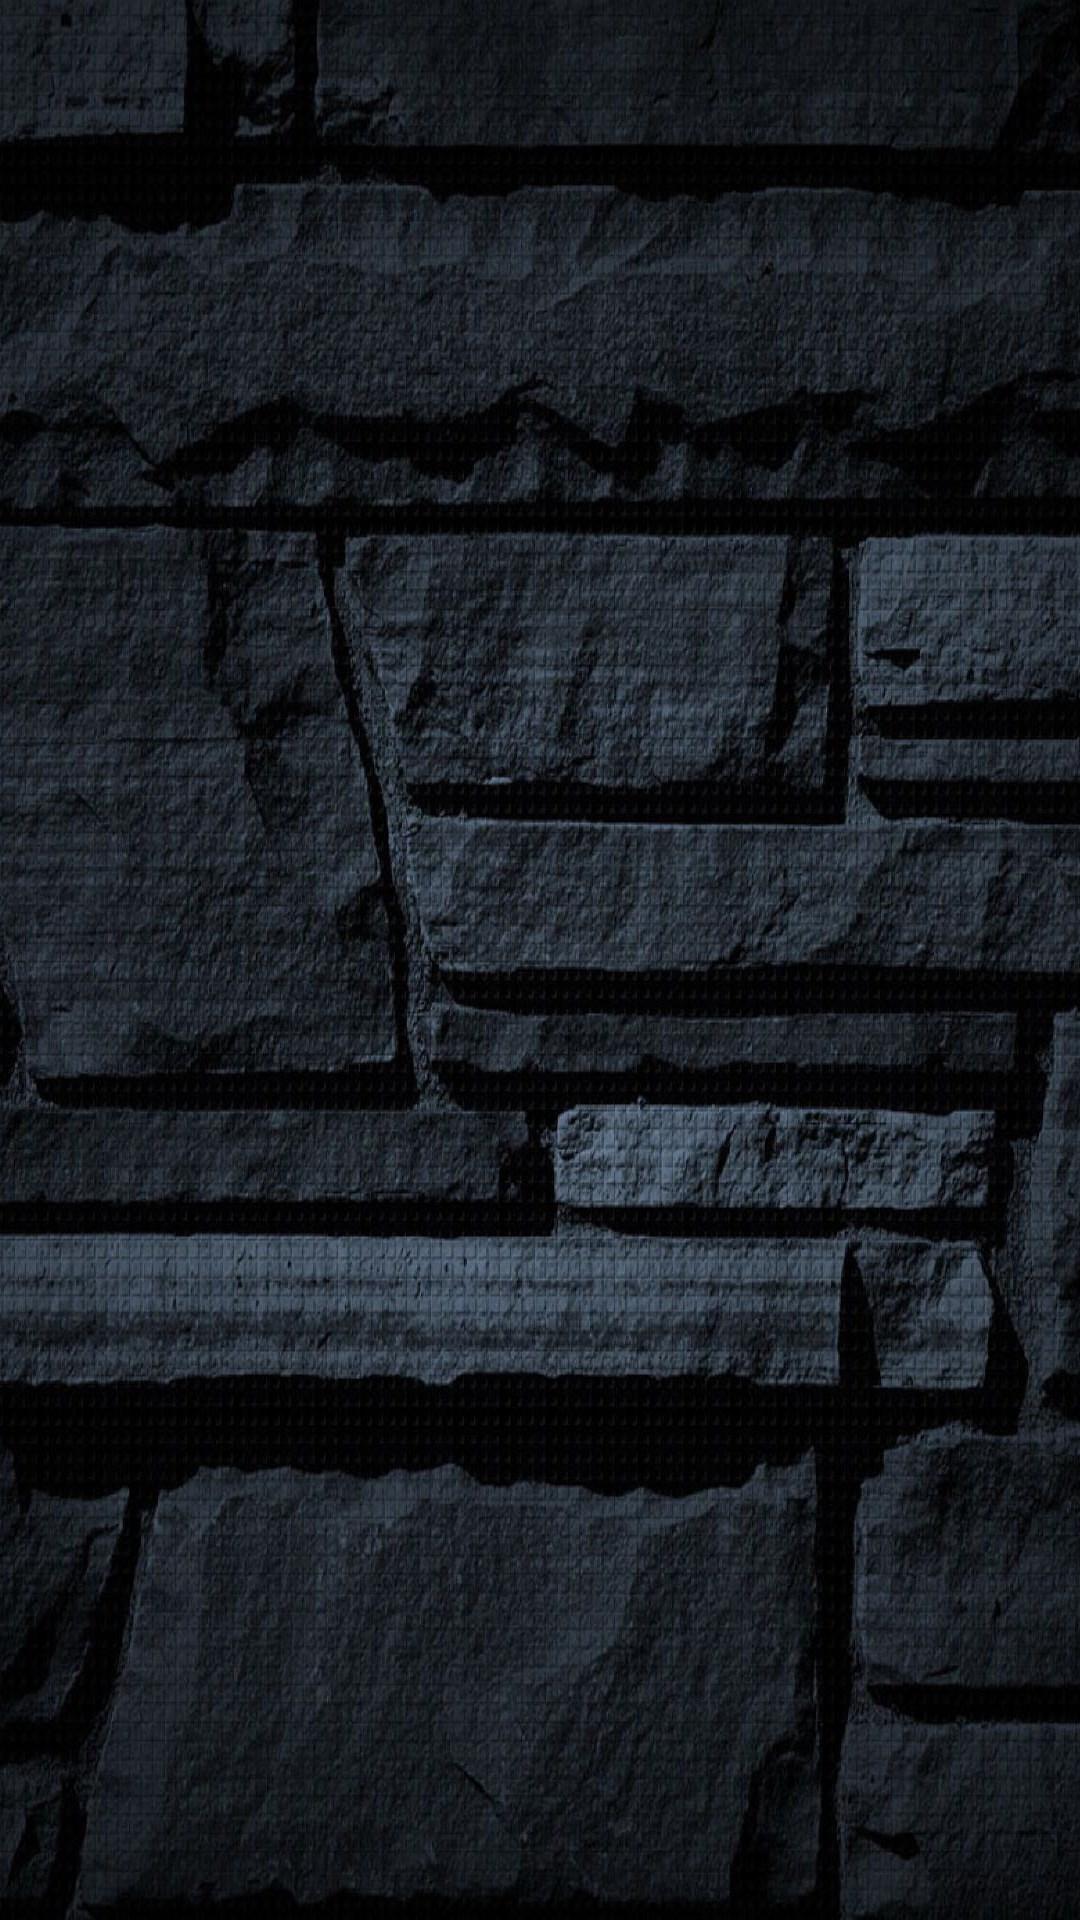 1080x1920 wallpaper appsapk 199